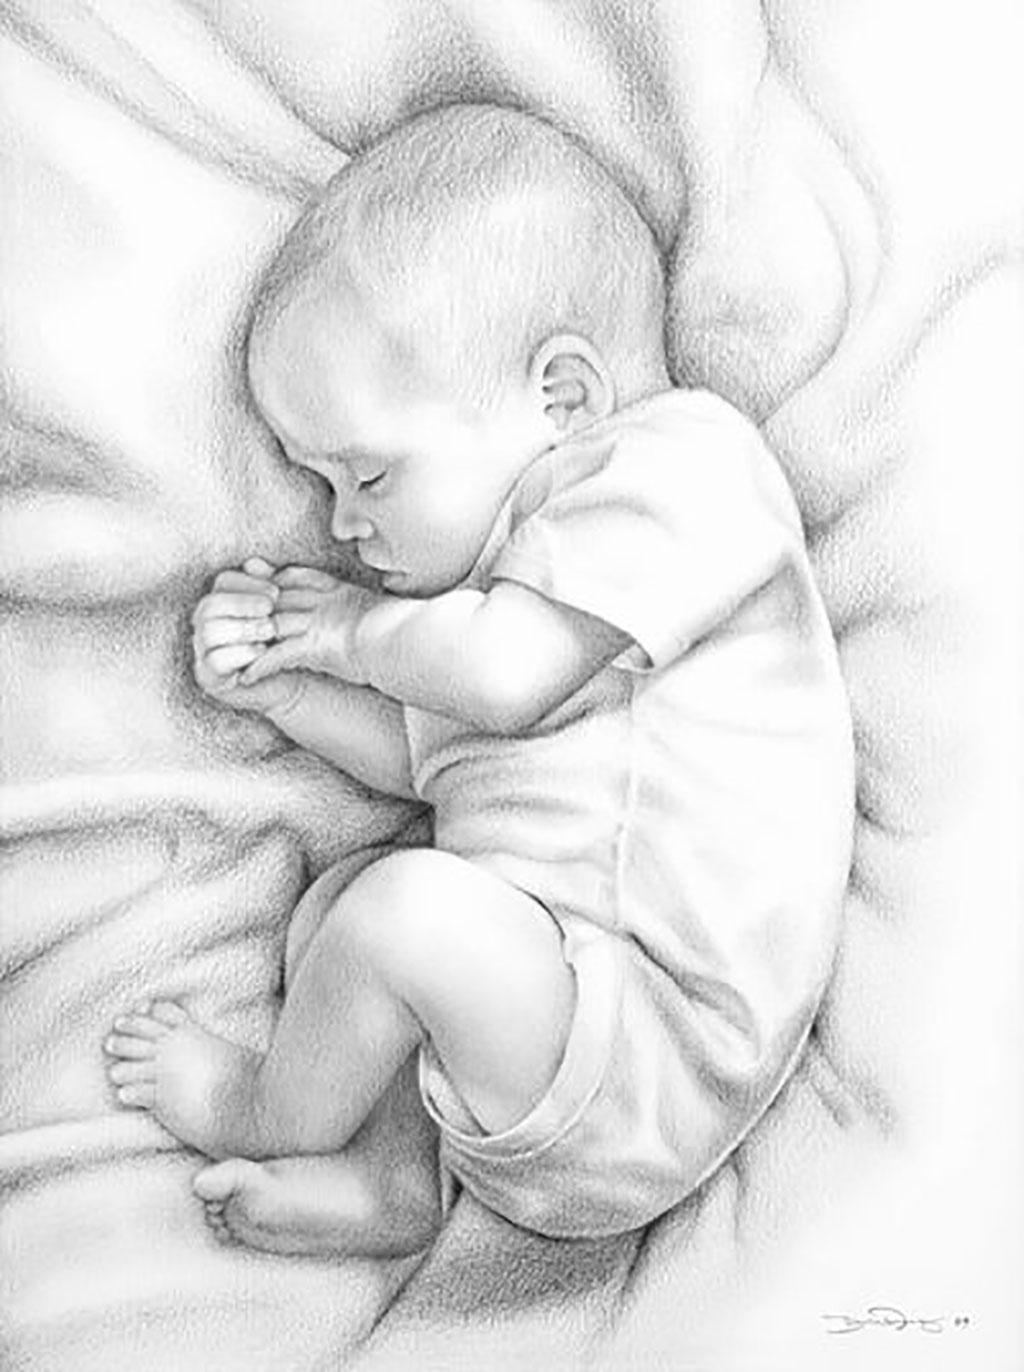 Малыш картинки красивые нарисованные, подписать открытку кого